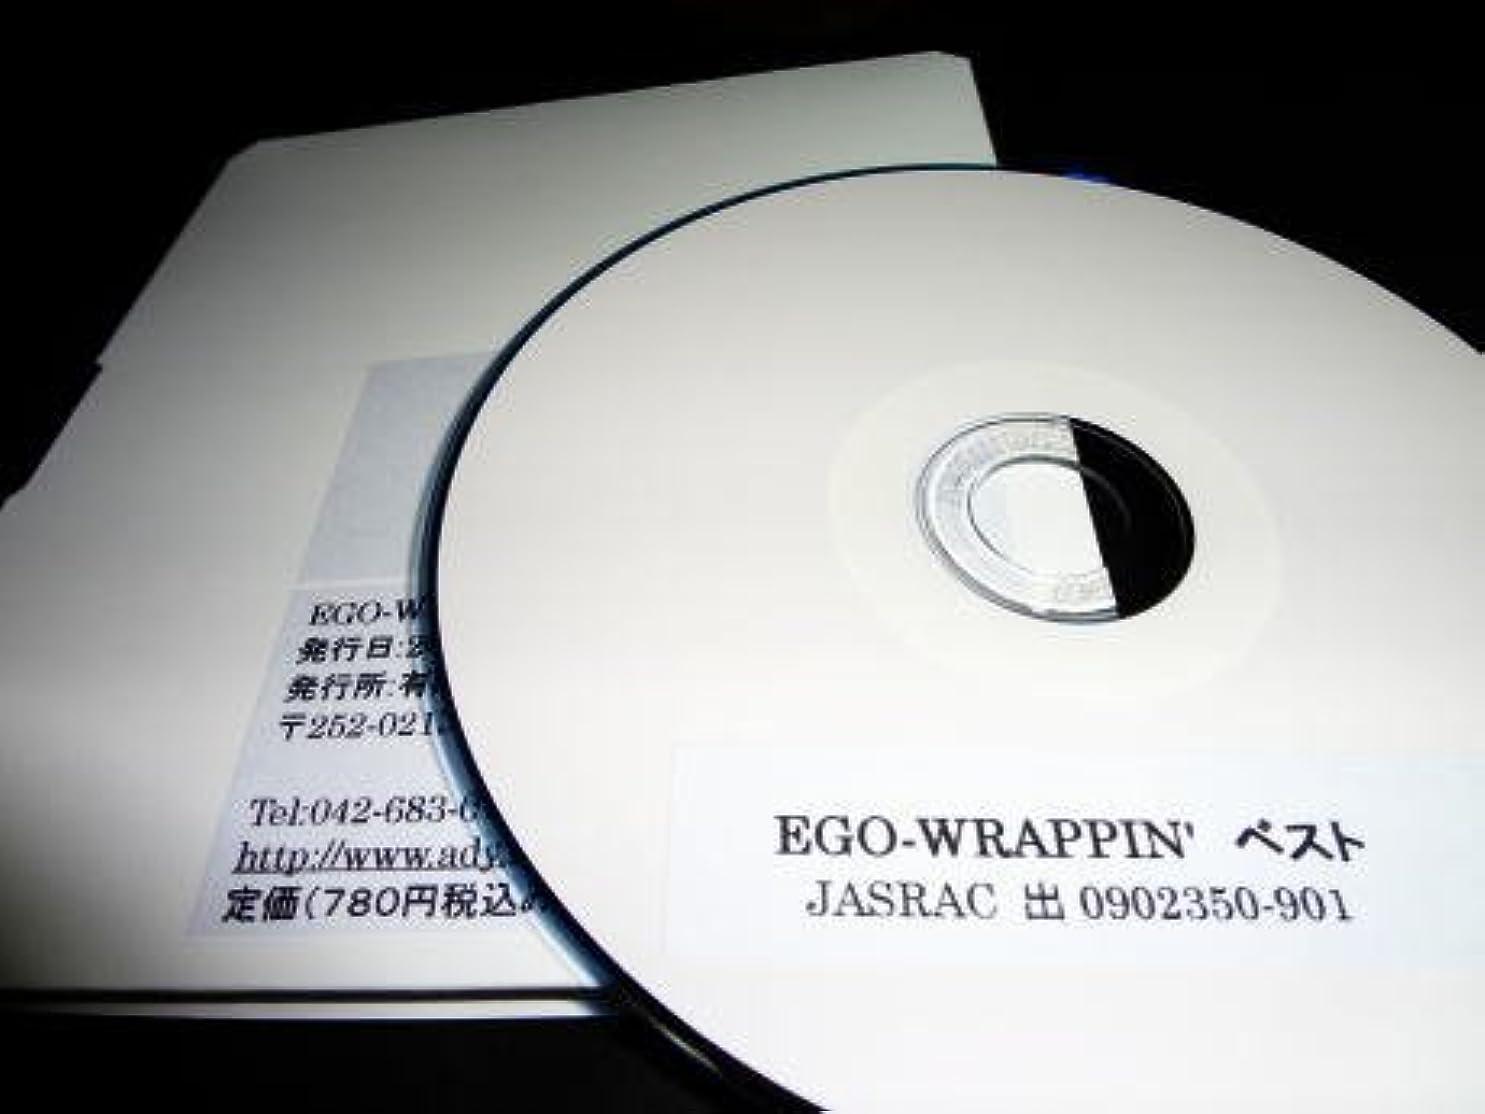 急いでログアノイギターコード譜シリーズ(CD-R版)/EGO-WRAPPIN'(エゴラッピン) ベスト (全36曲)